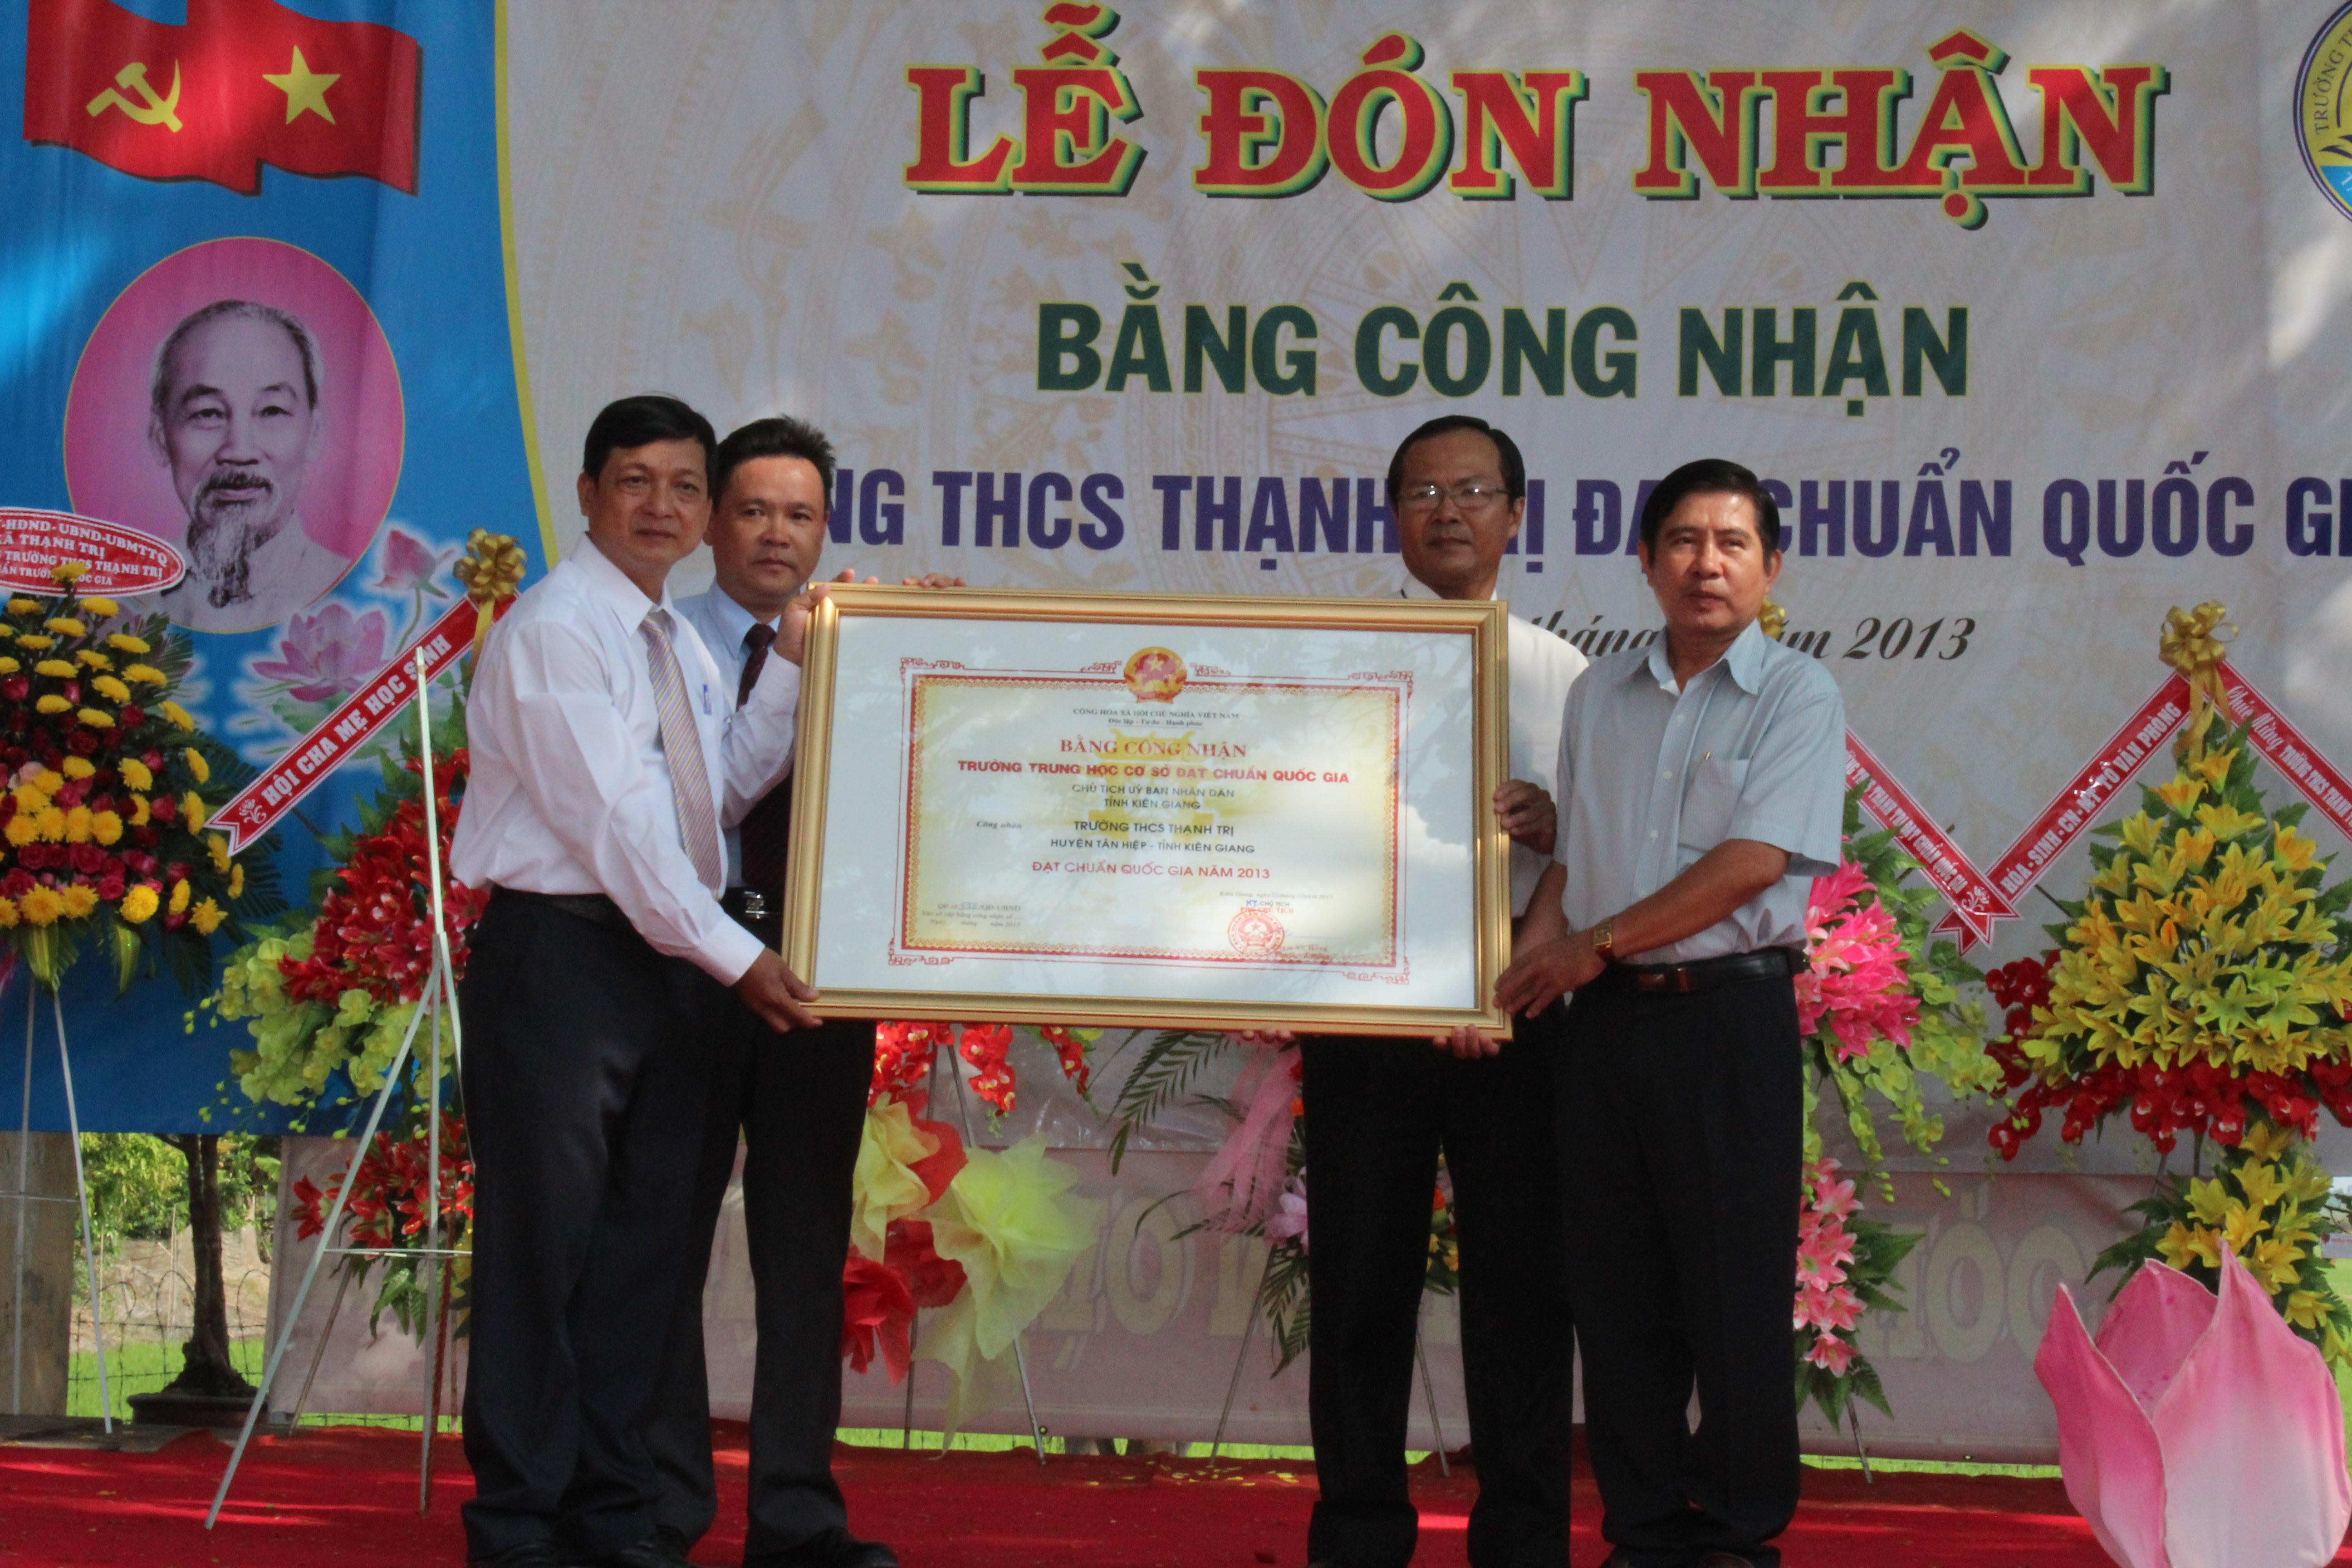 Trao Bang Cong nhan